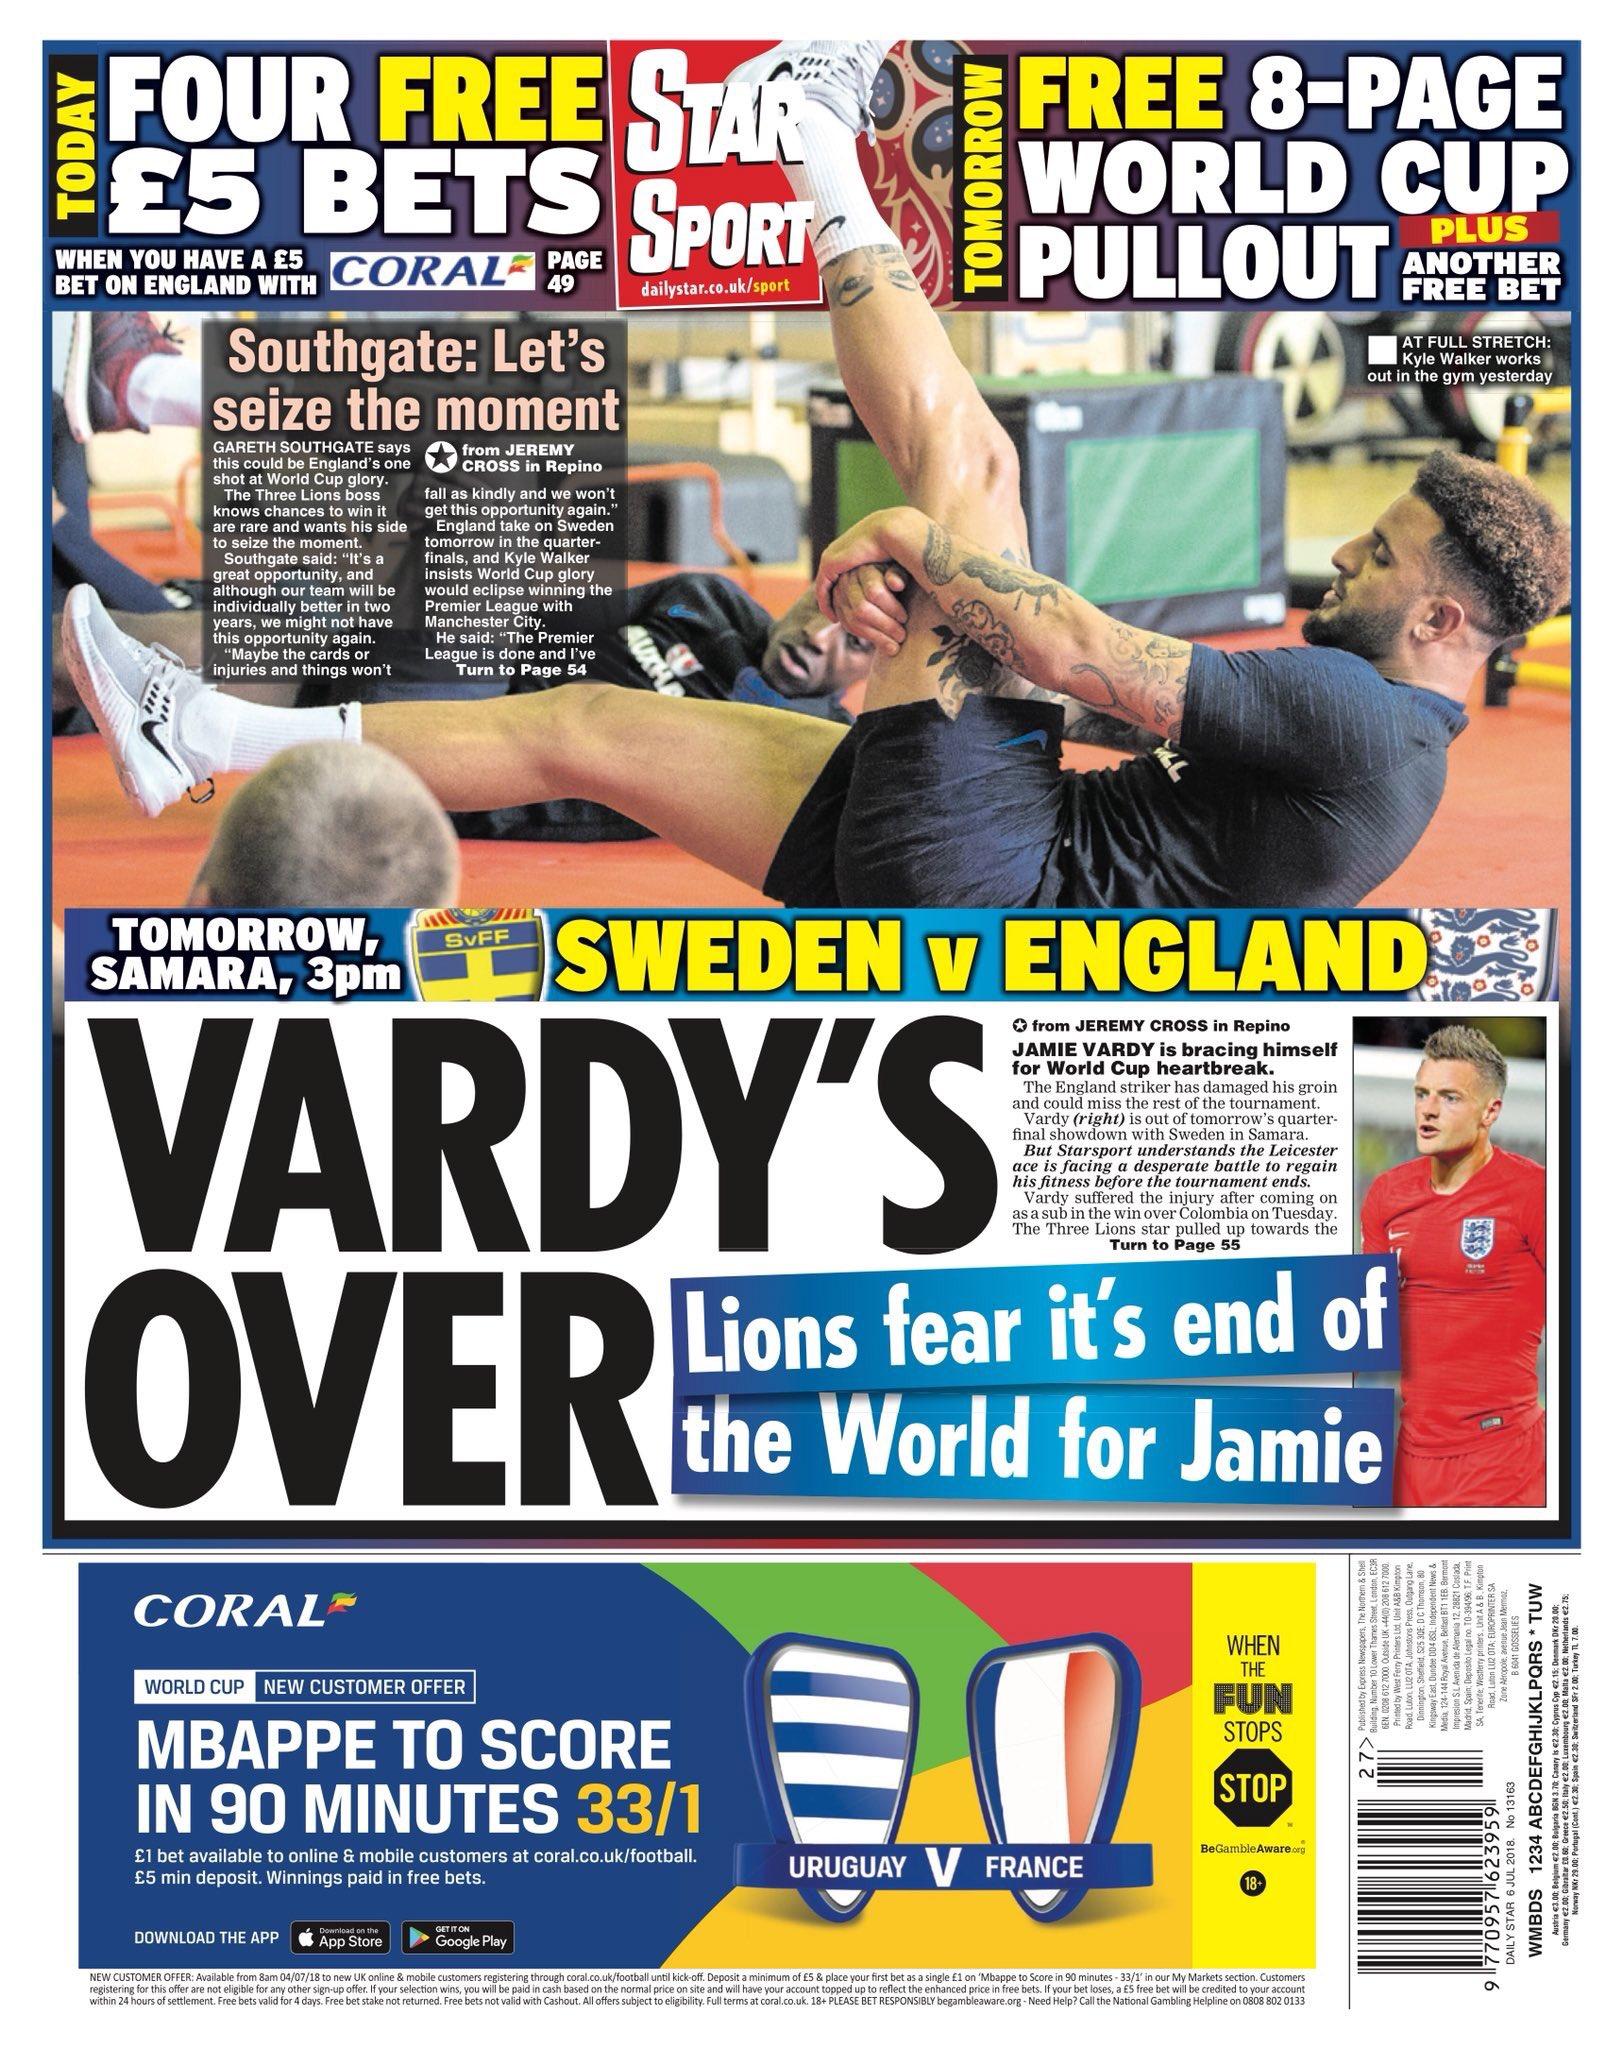 صحف كأس العالم